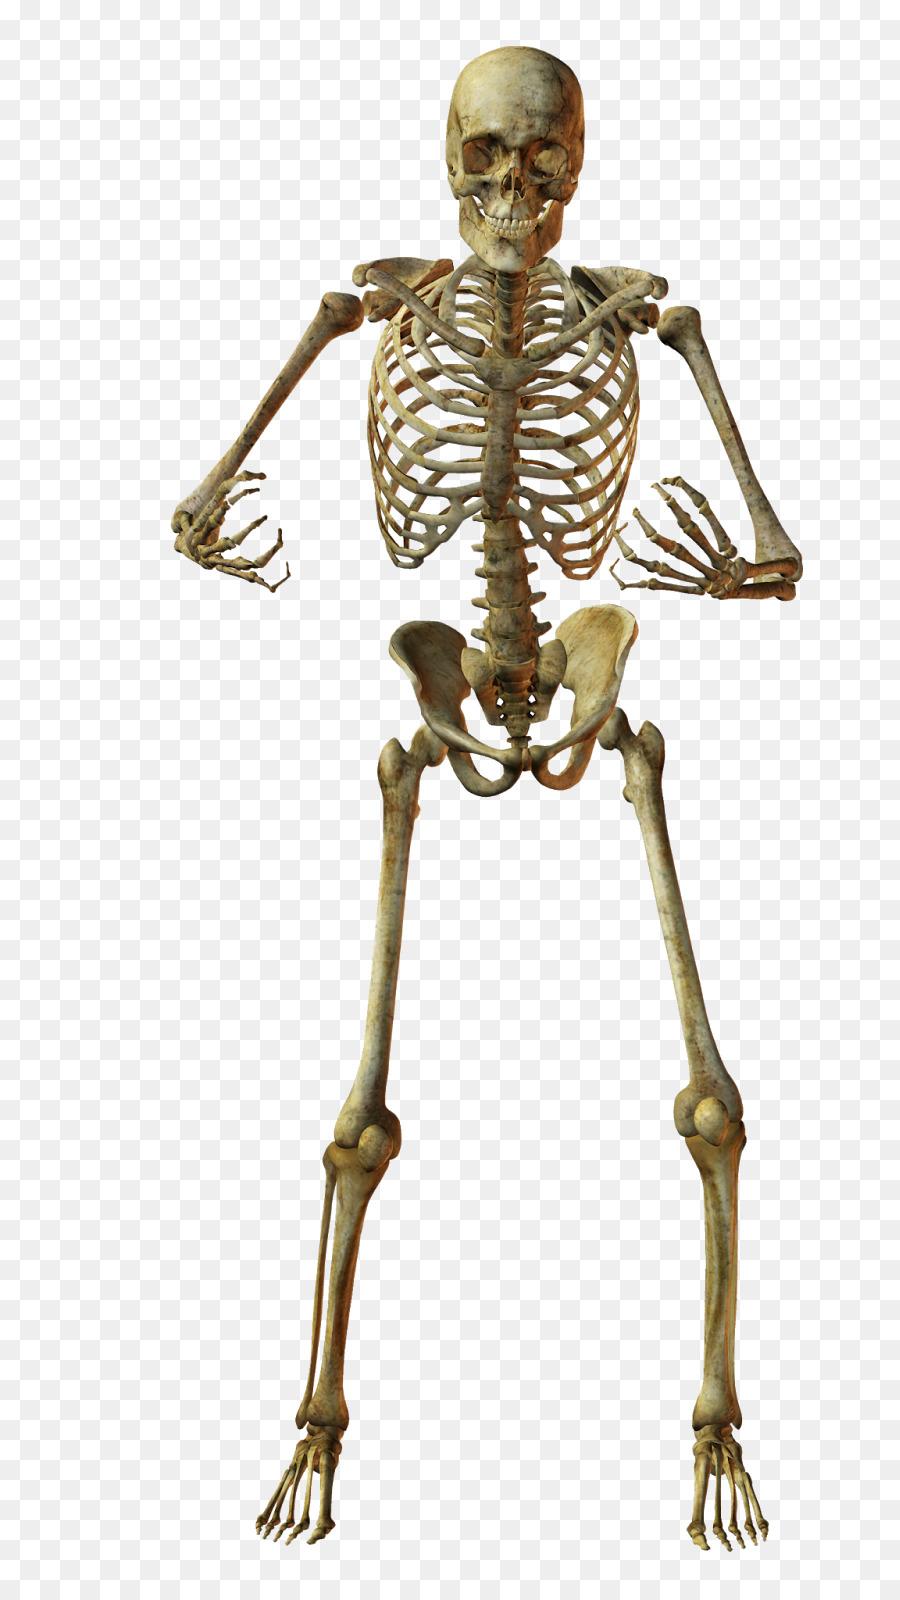 Esqueleto humano Huesos Anatomía - Esqueleto png dibujo ...